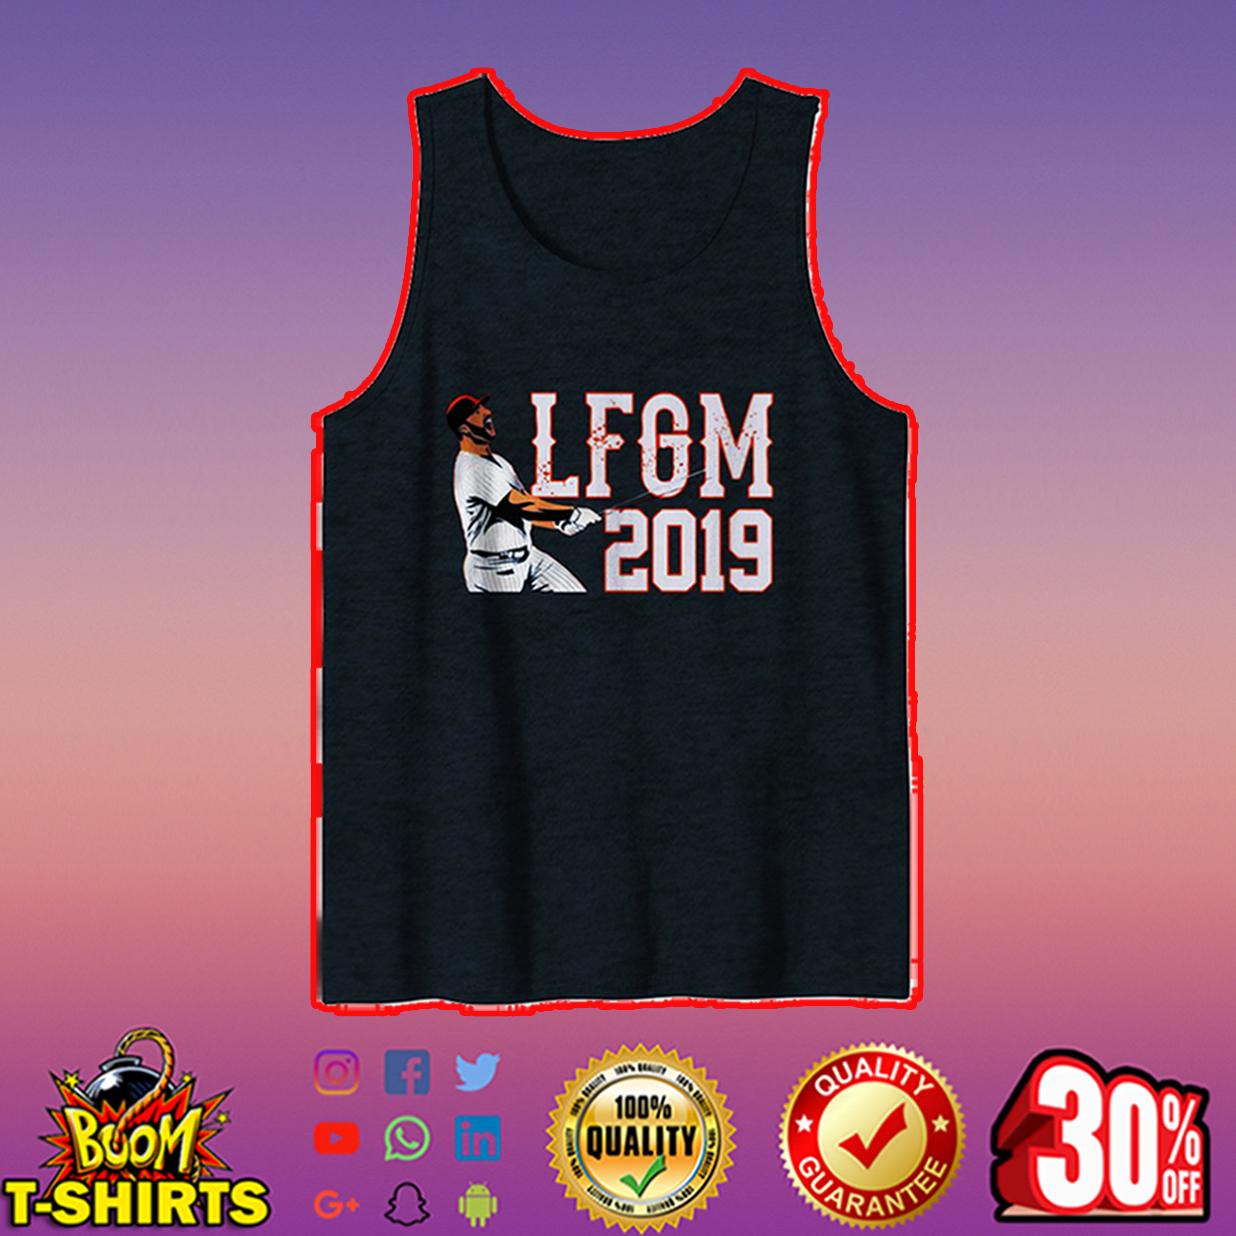 Pete Alonso LFGM 2019 tank top